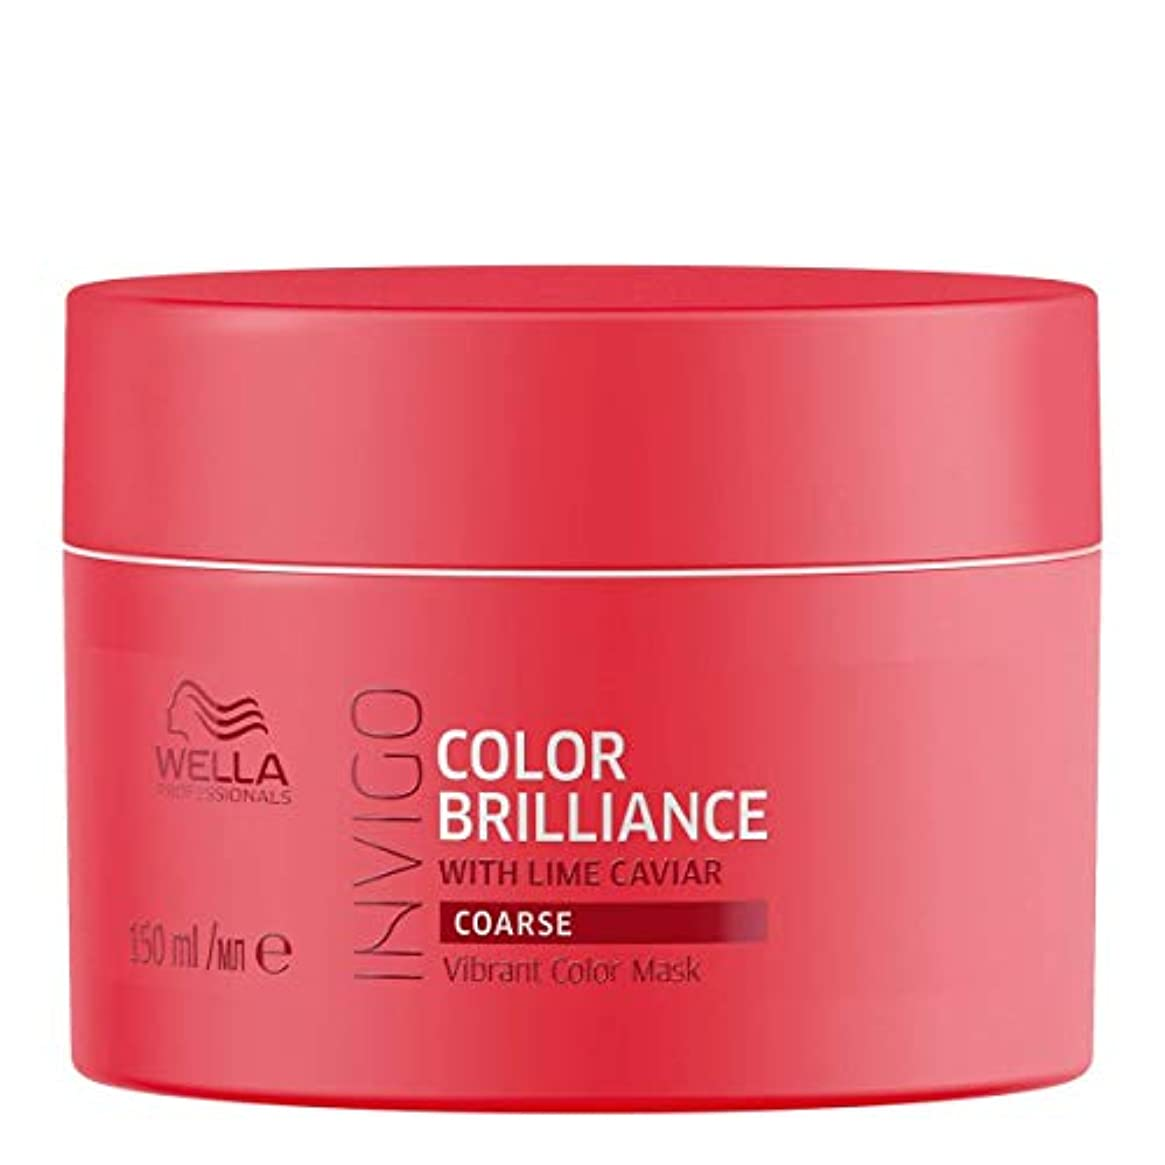 ハーネスこれまで発音ウエラ インヴィゴ コース カラー マスク Wella Invigo Color Brilliance With Lime Caviar Coarse Vibrant Color Mask 150 ml [並行輸入品]